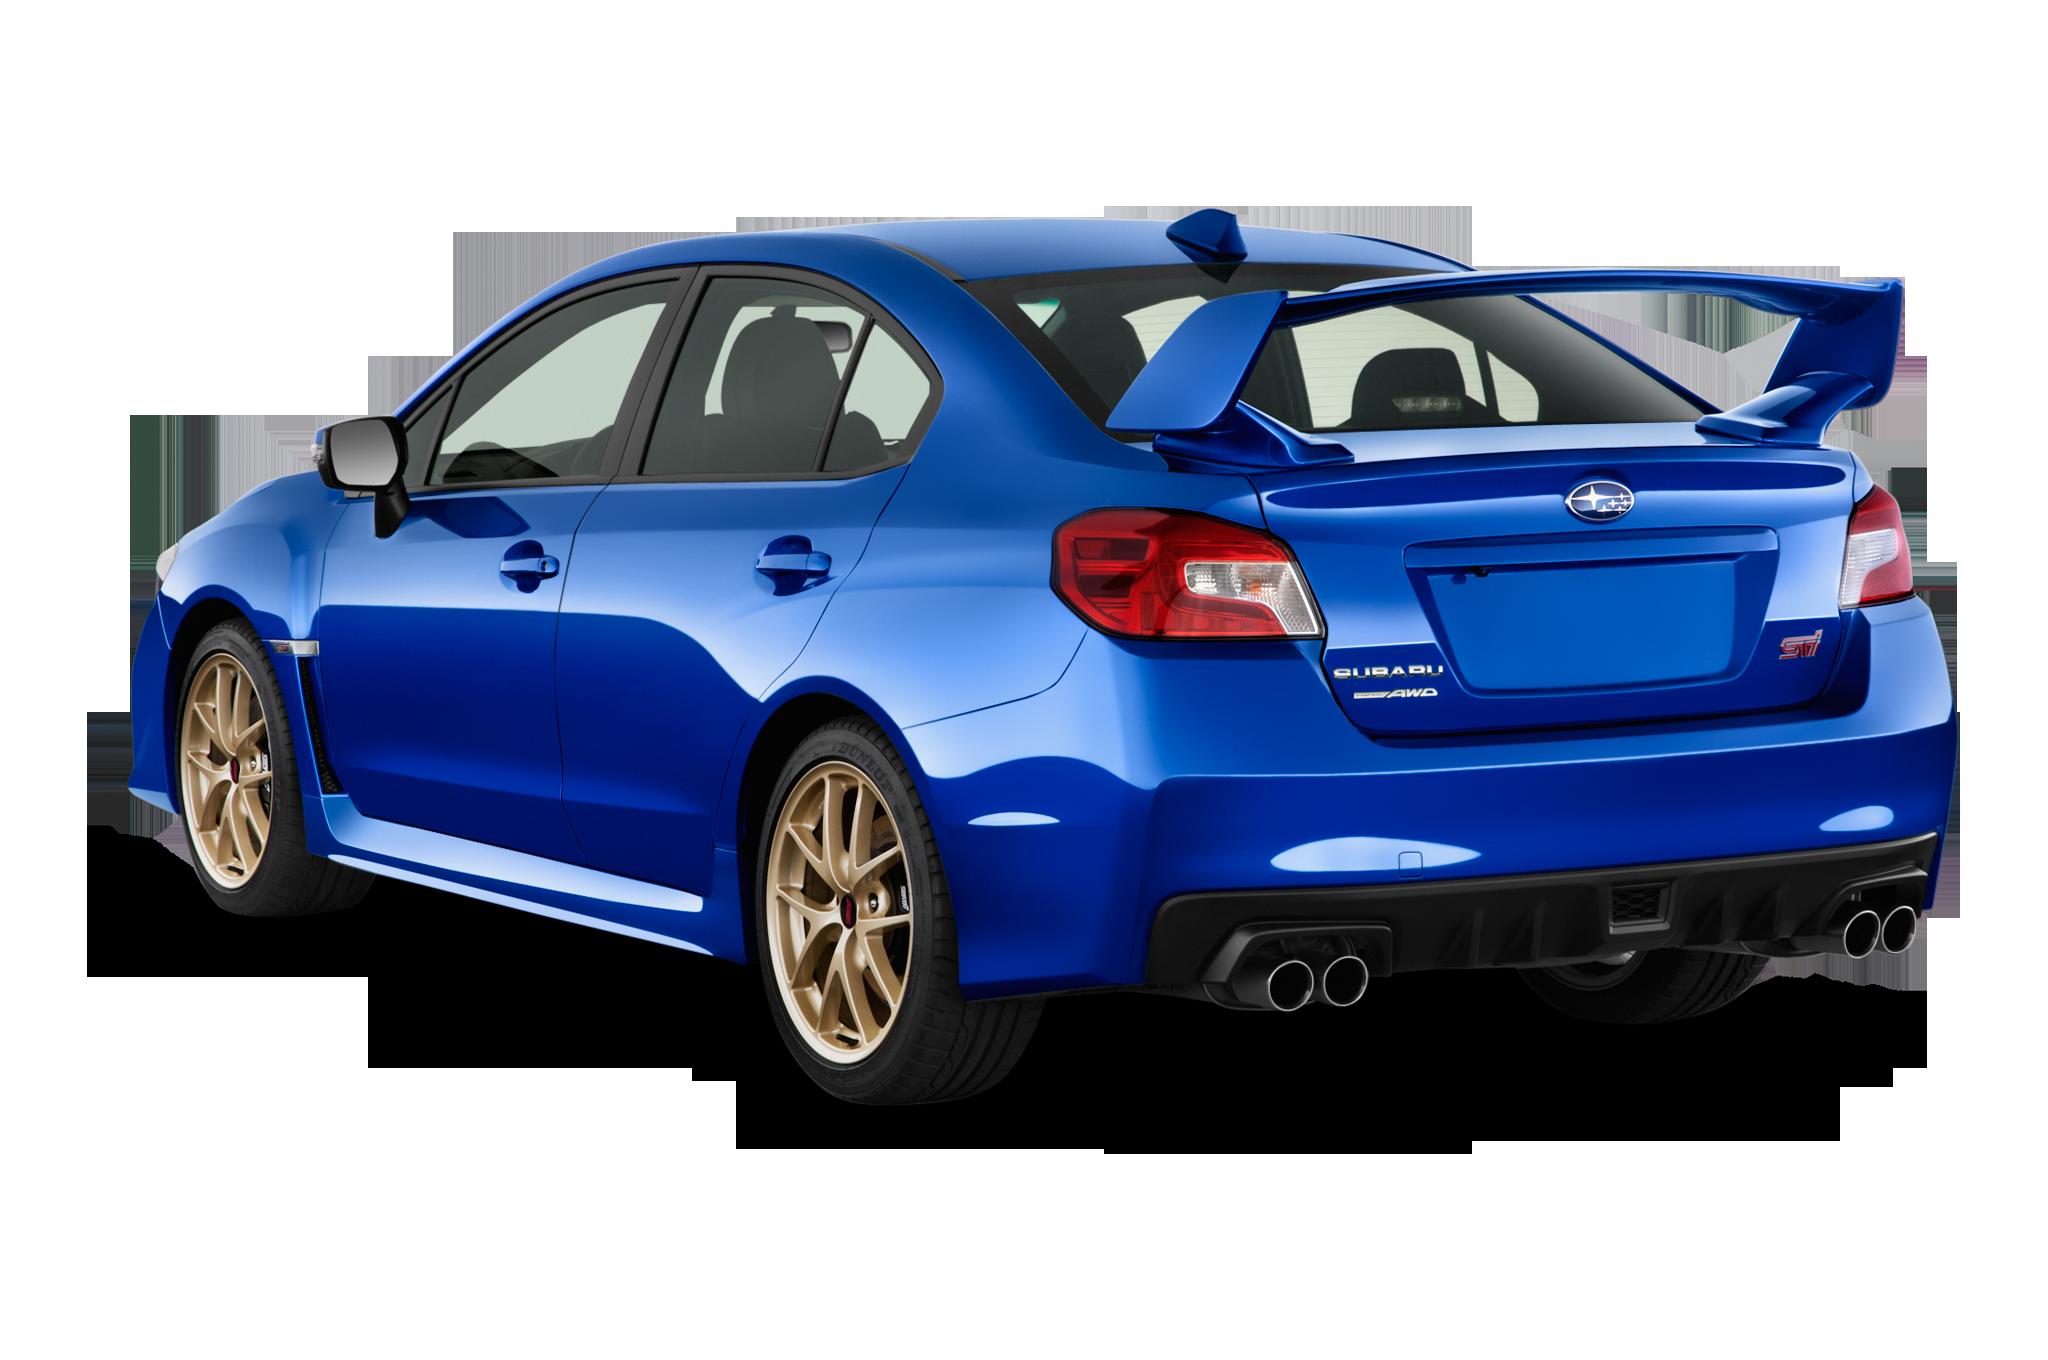 2016 Subaru WRX, WRX STI Receive New Infotainment, Safety ...